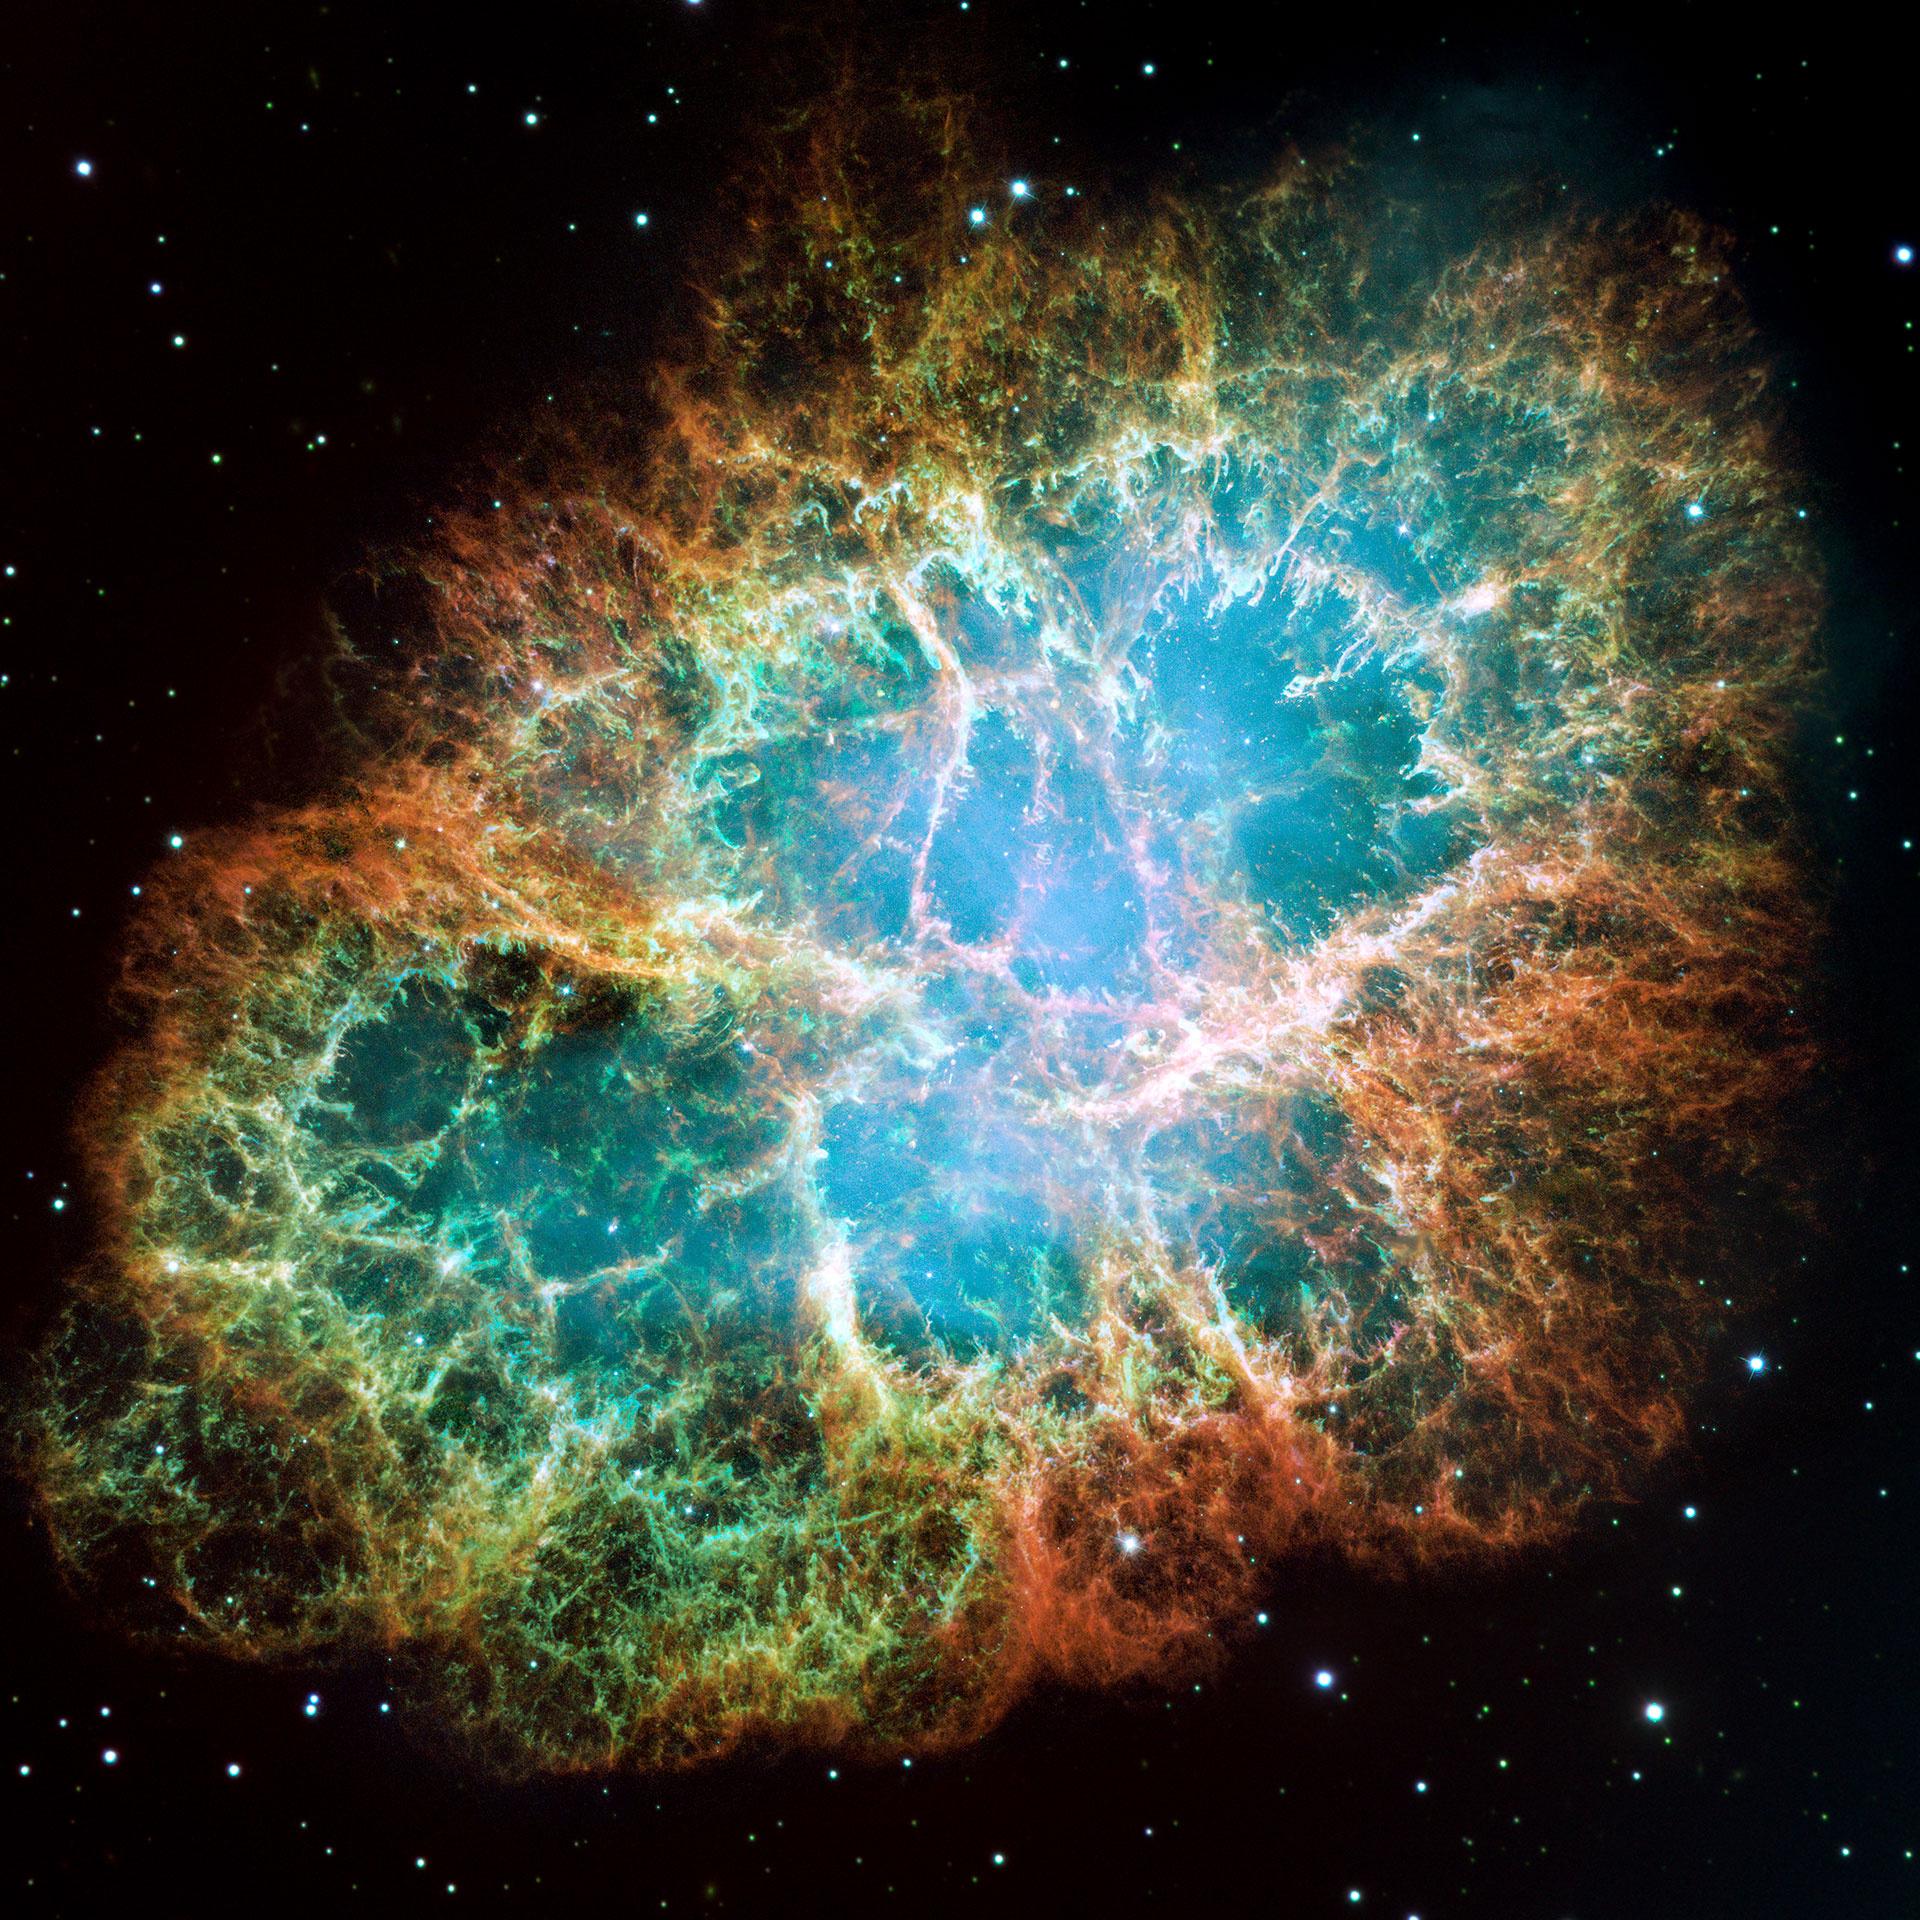 [Перевод] Продвинутые цивилизации могут построить галактический интернет, используя прохождения планет